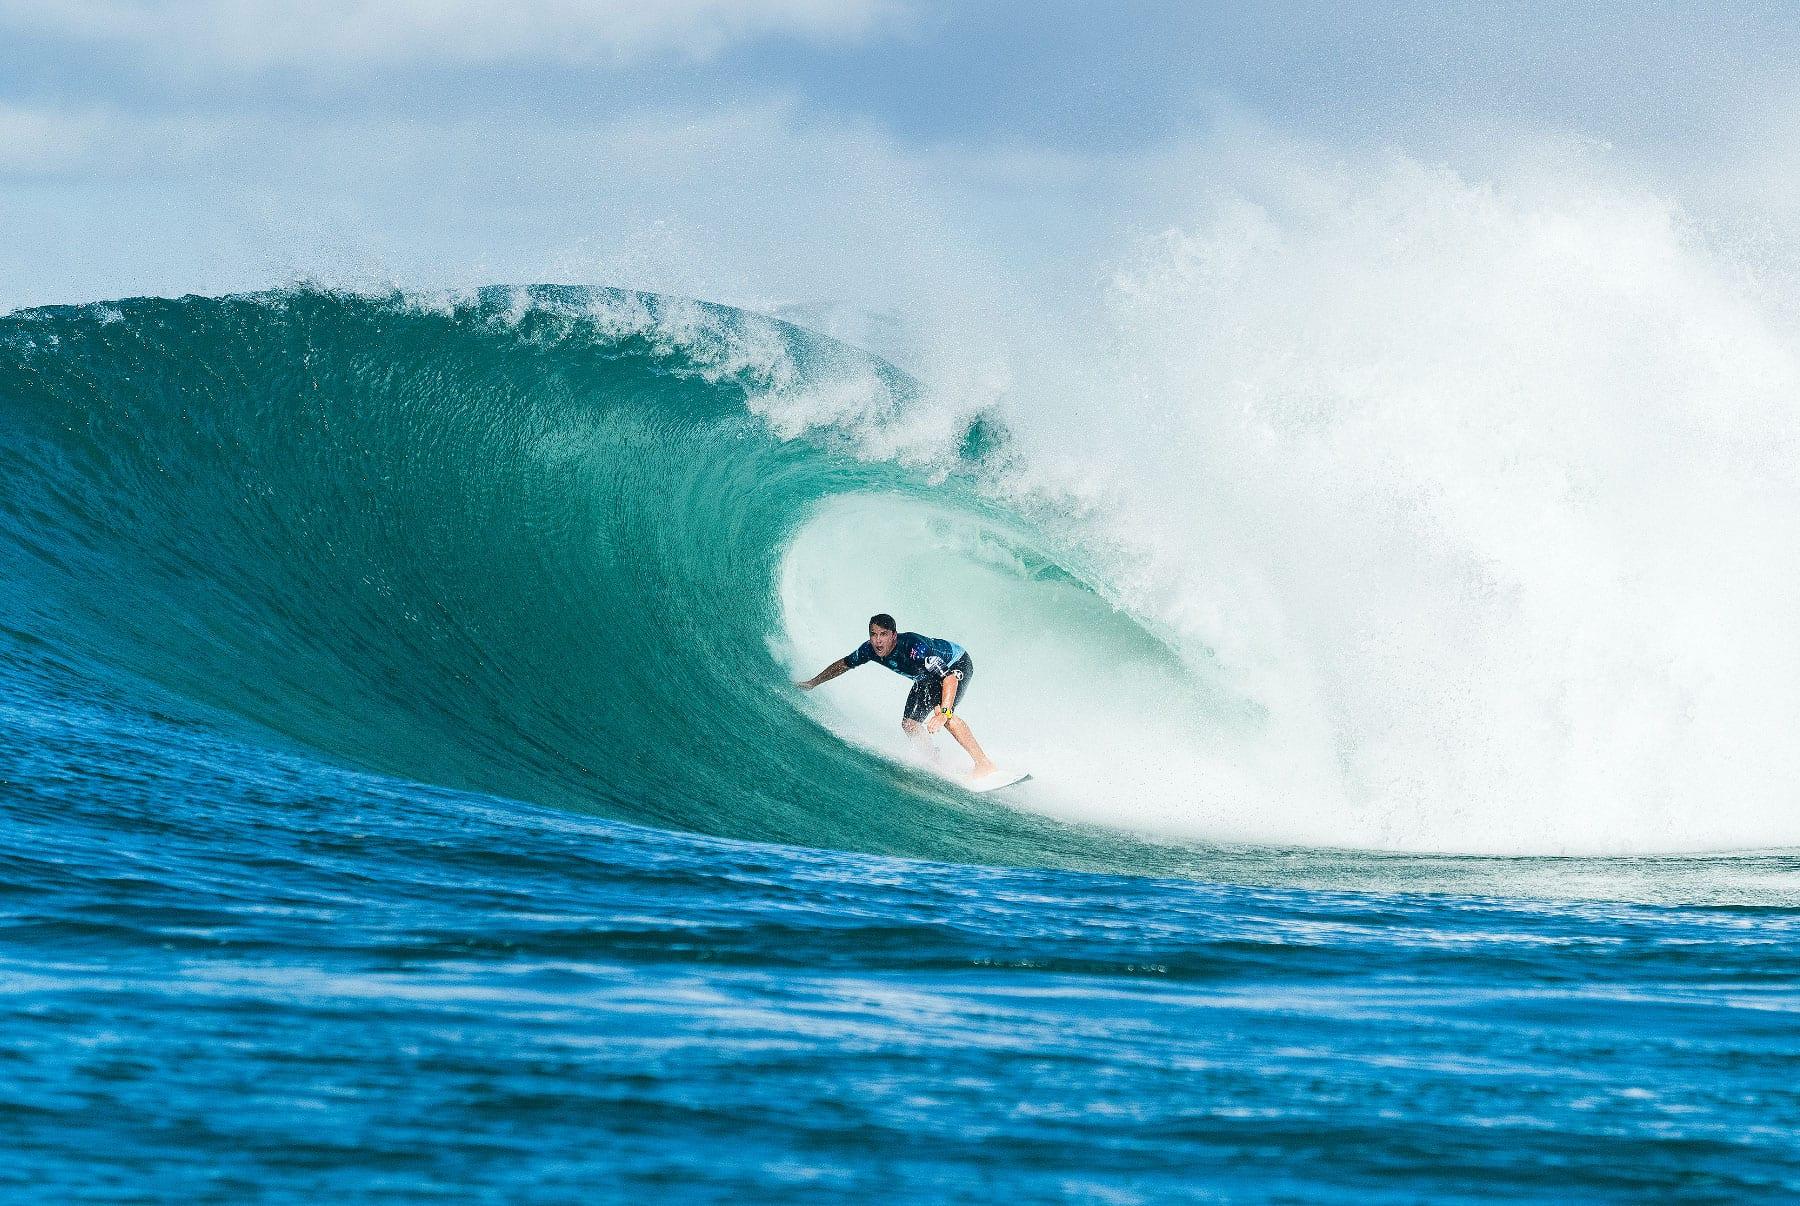 Julian Wilson surfing news